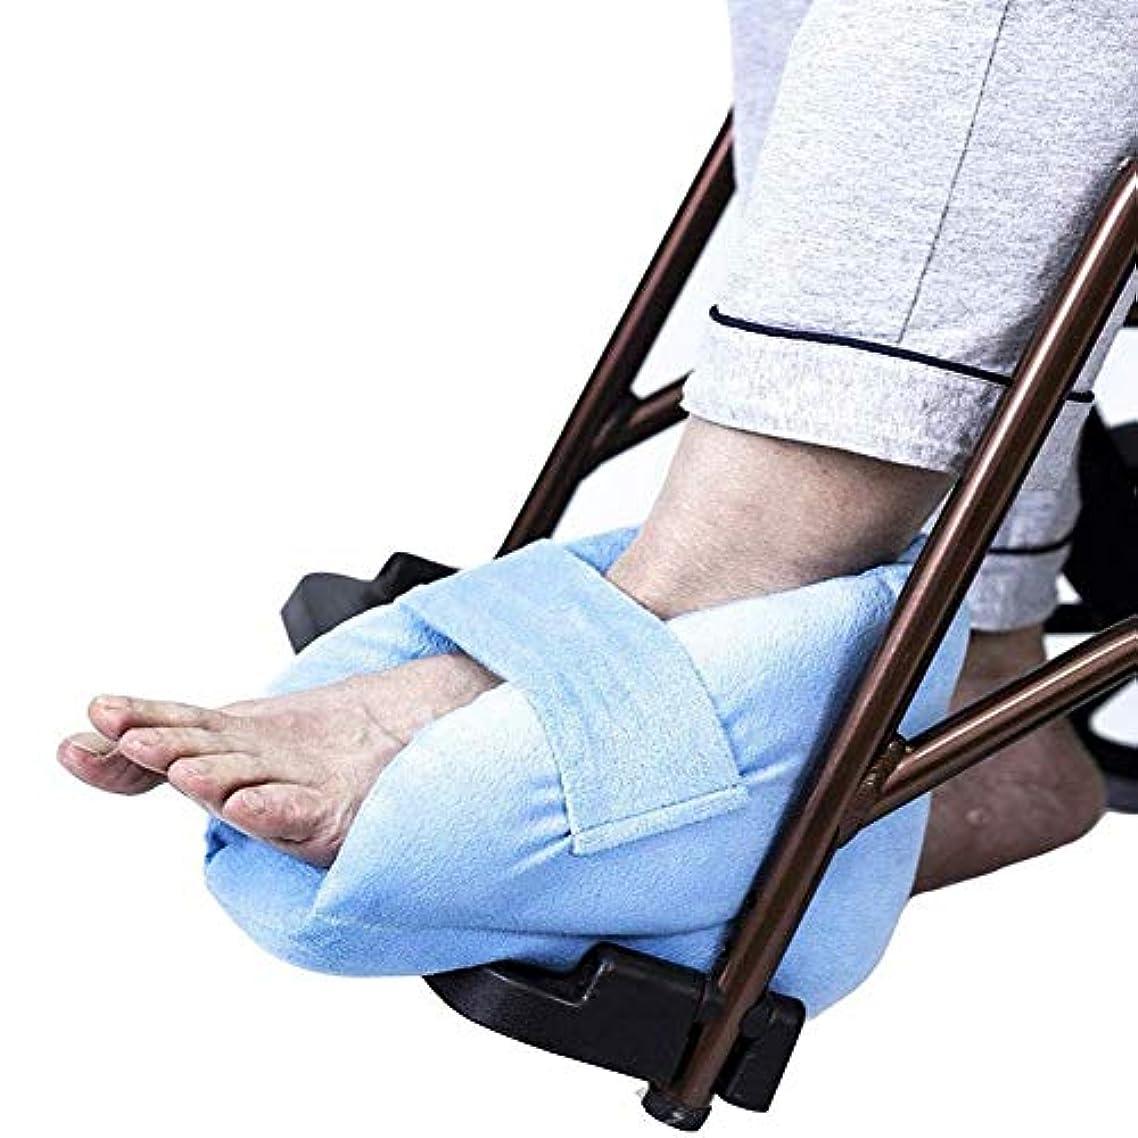 学部長不安定な免除するヒールパッド、ライトブルー- 床擦れ 褥瘡ウォッシャブルダブルパッドヒールパッド介護用品 軽量